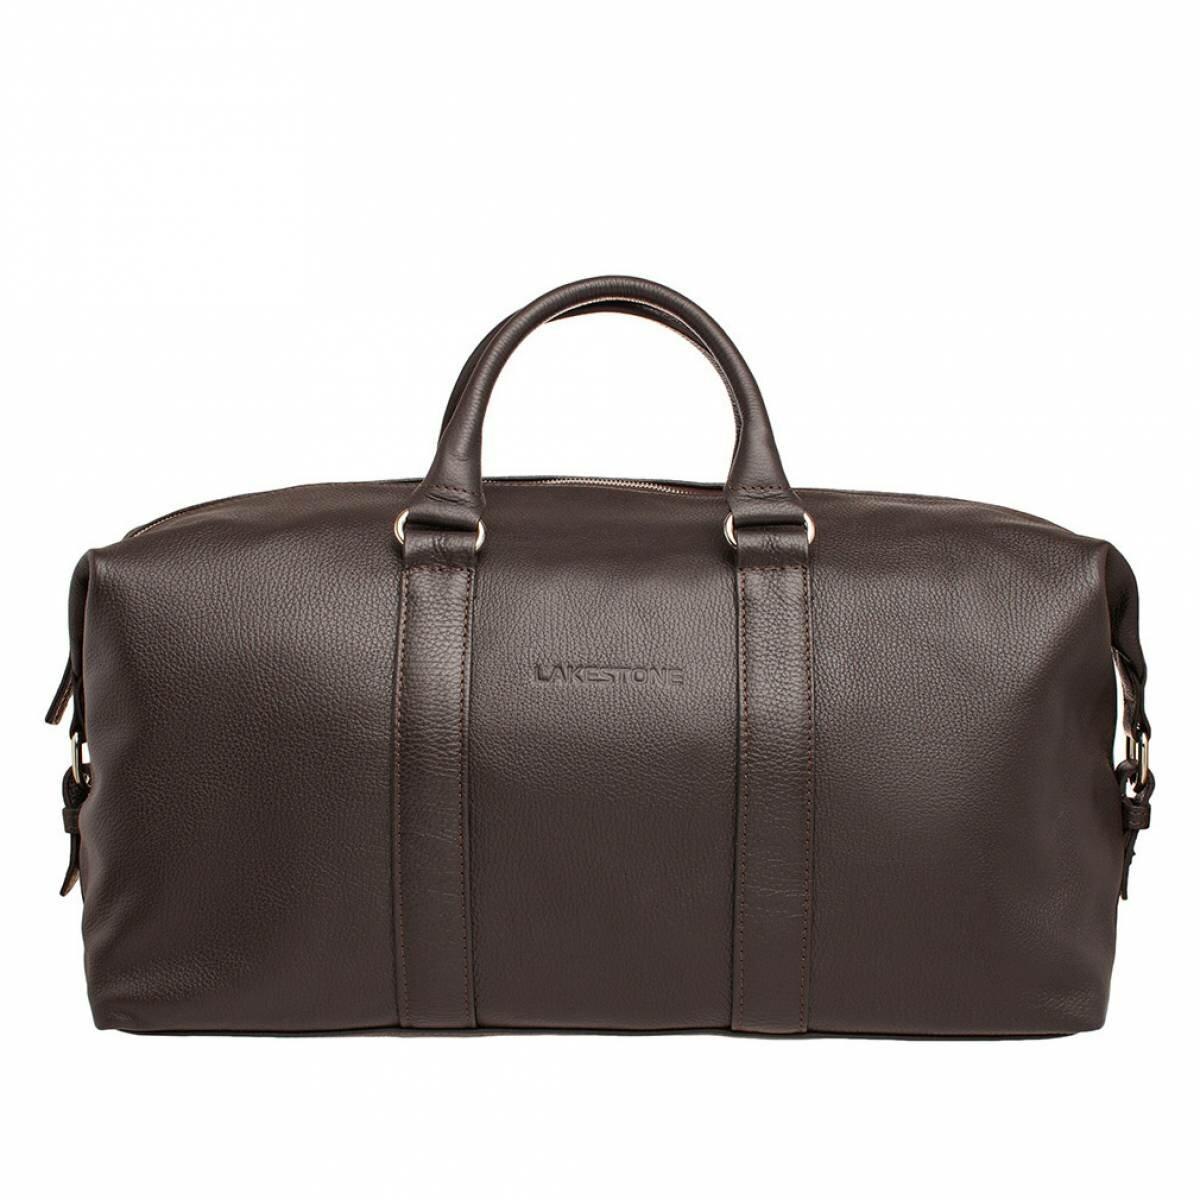 Дорожно-спортивная сумка Pinecroft Brown мужская кожаная коричневая